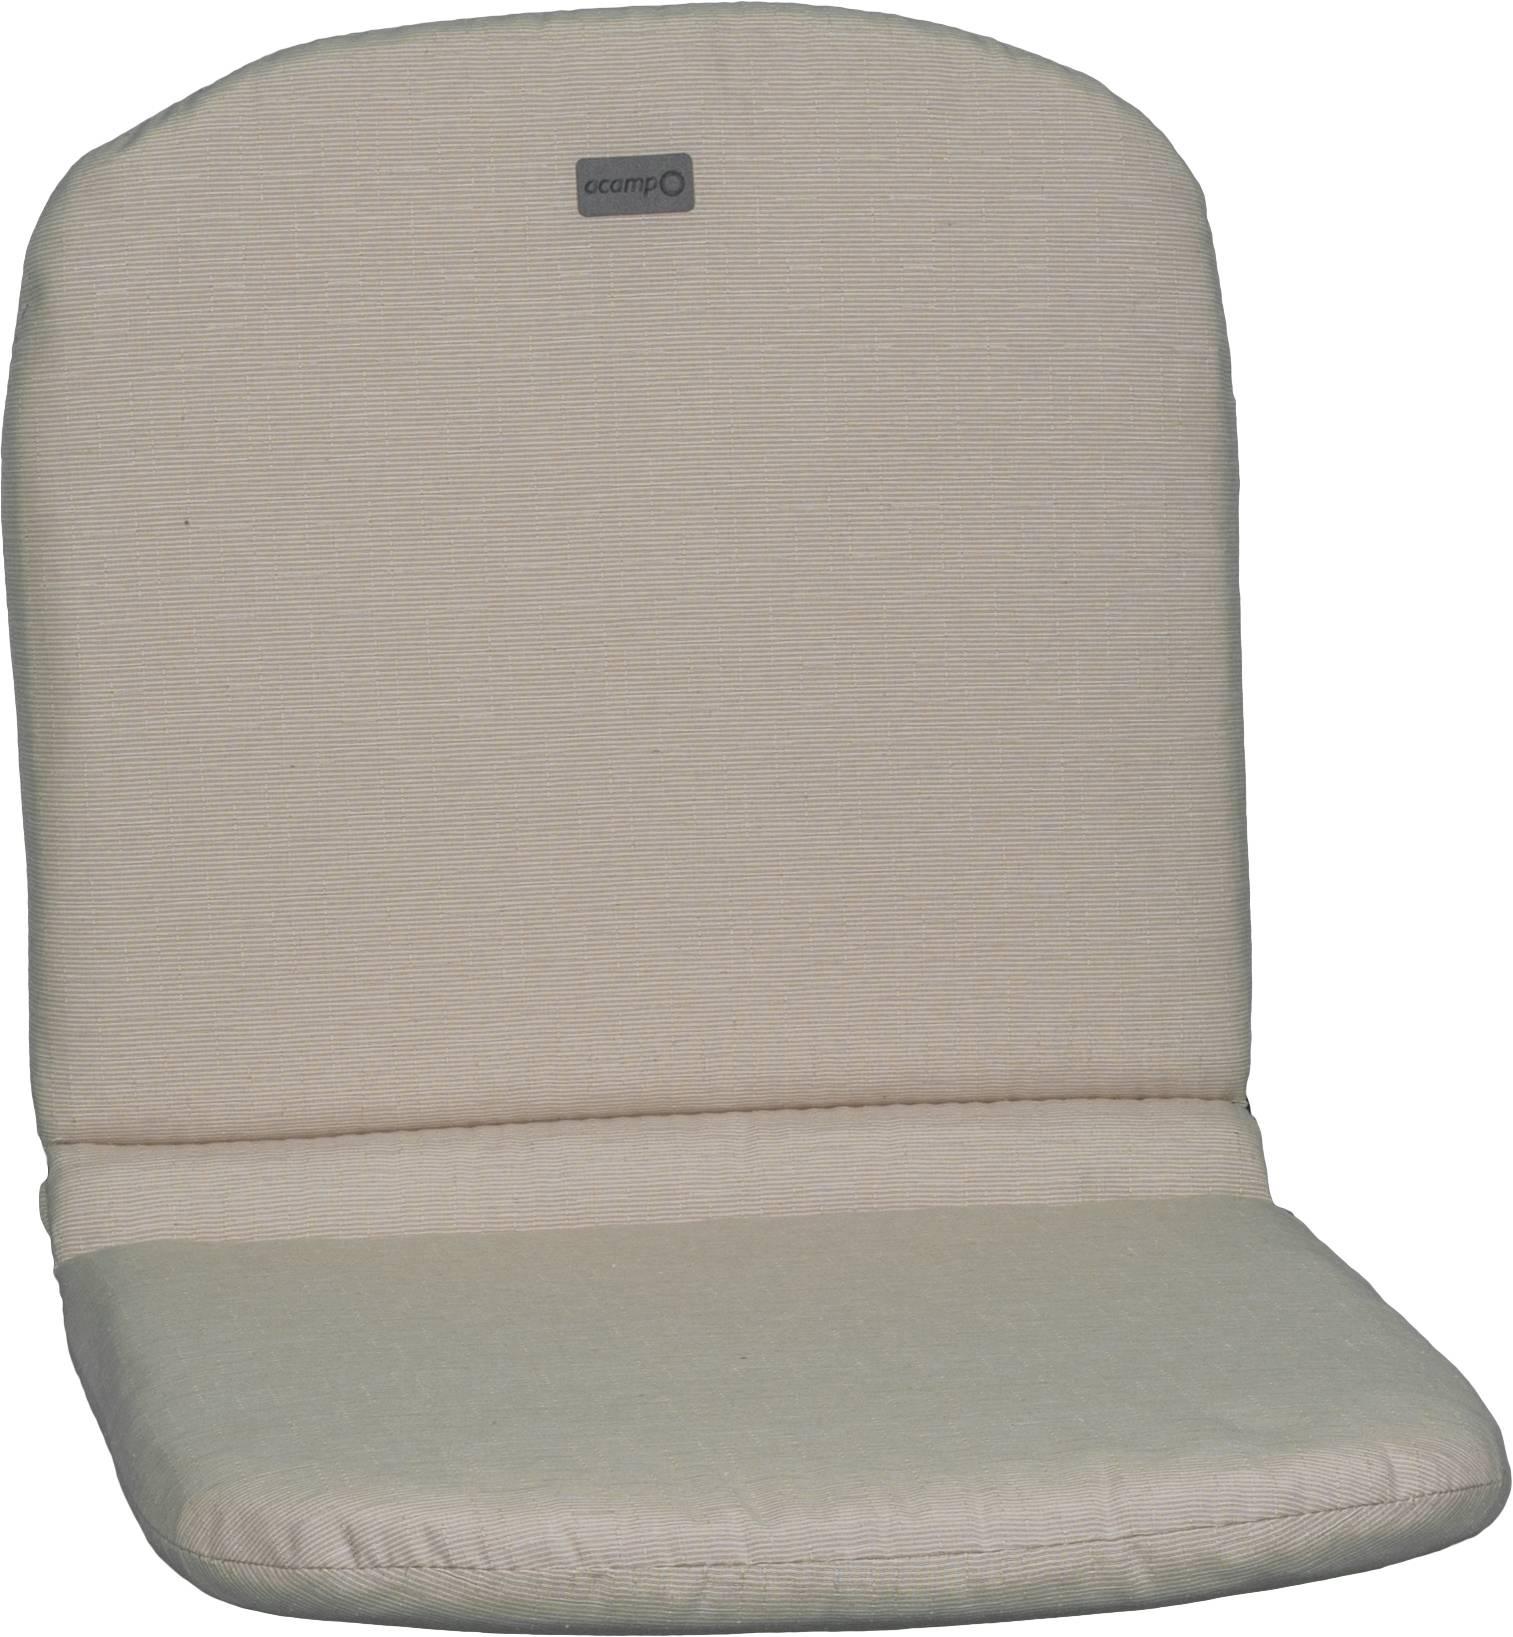 acamp Sesselkissen beige Typ-C 85 x 44 x 4 cm passend für Stapelsessel Alfredo